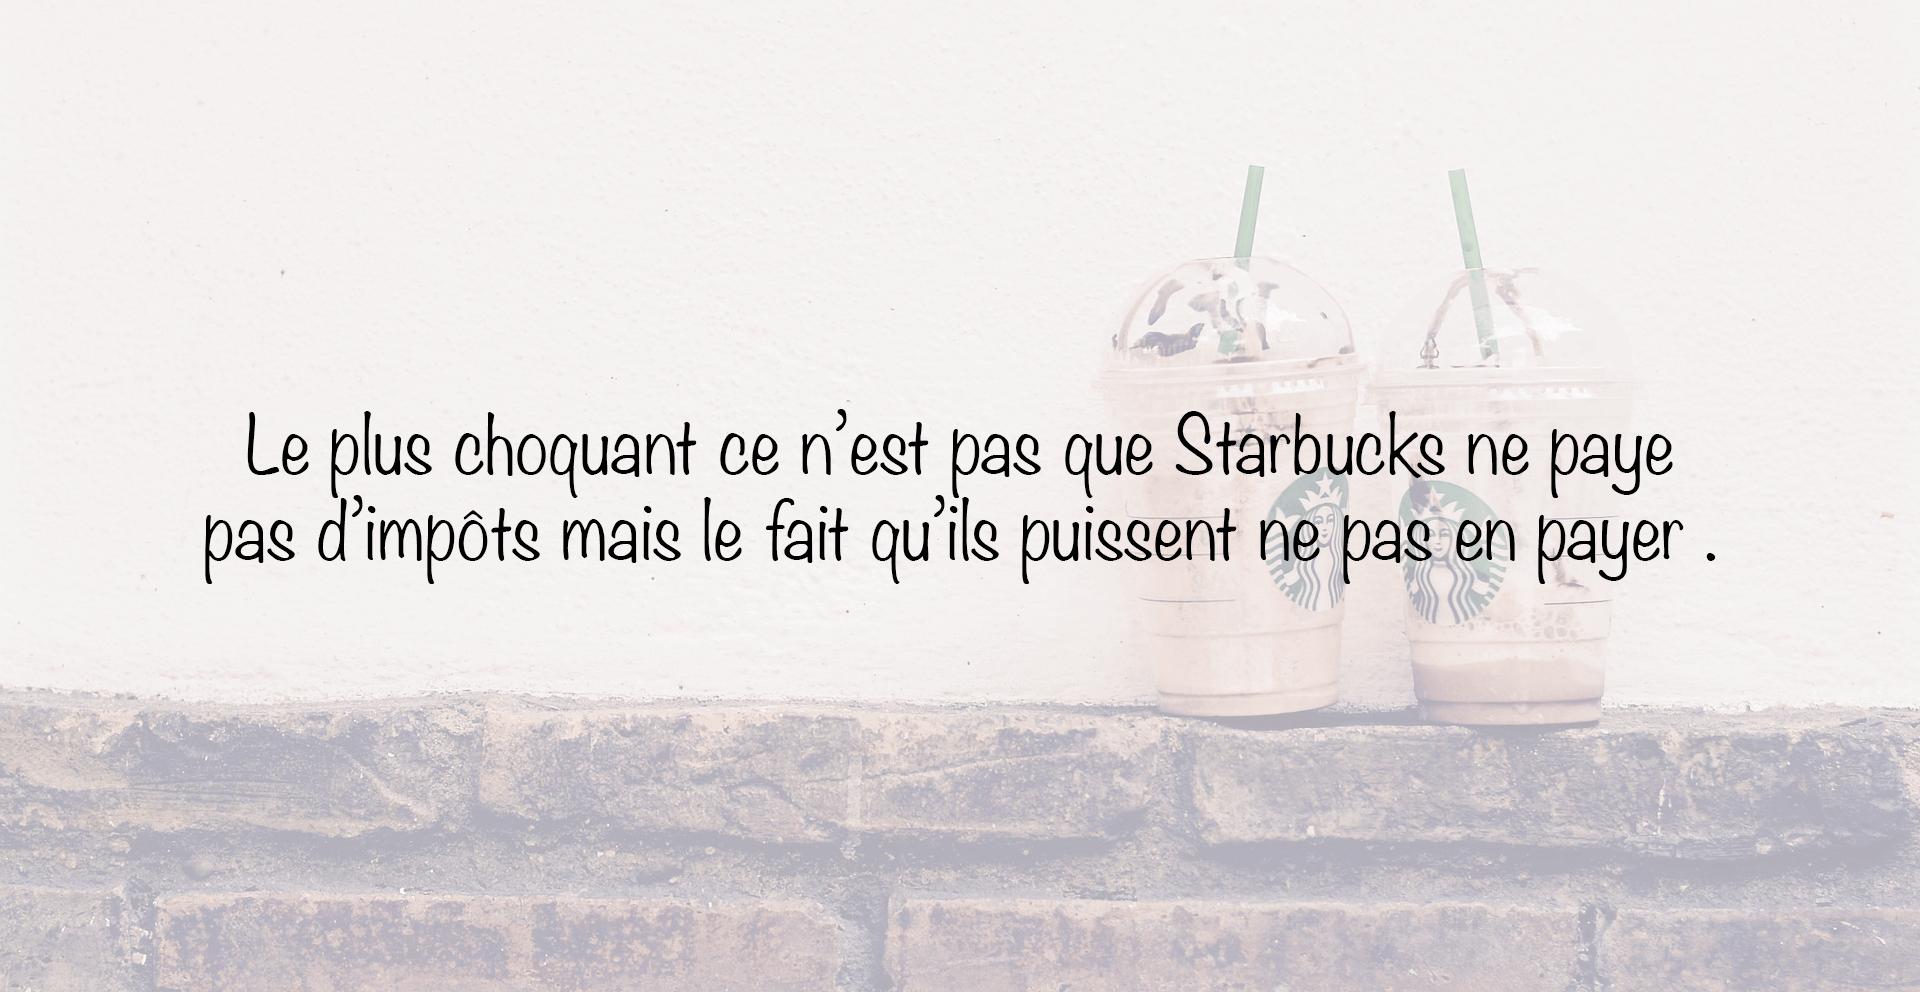 Starbucks et impôts, quand les scandales deviennent banals